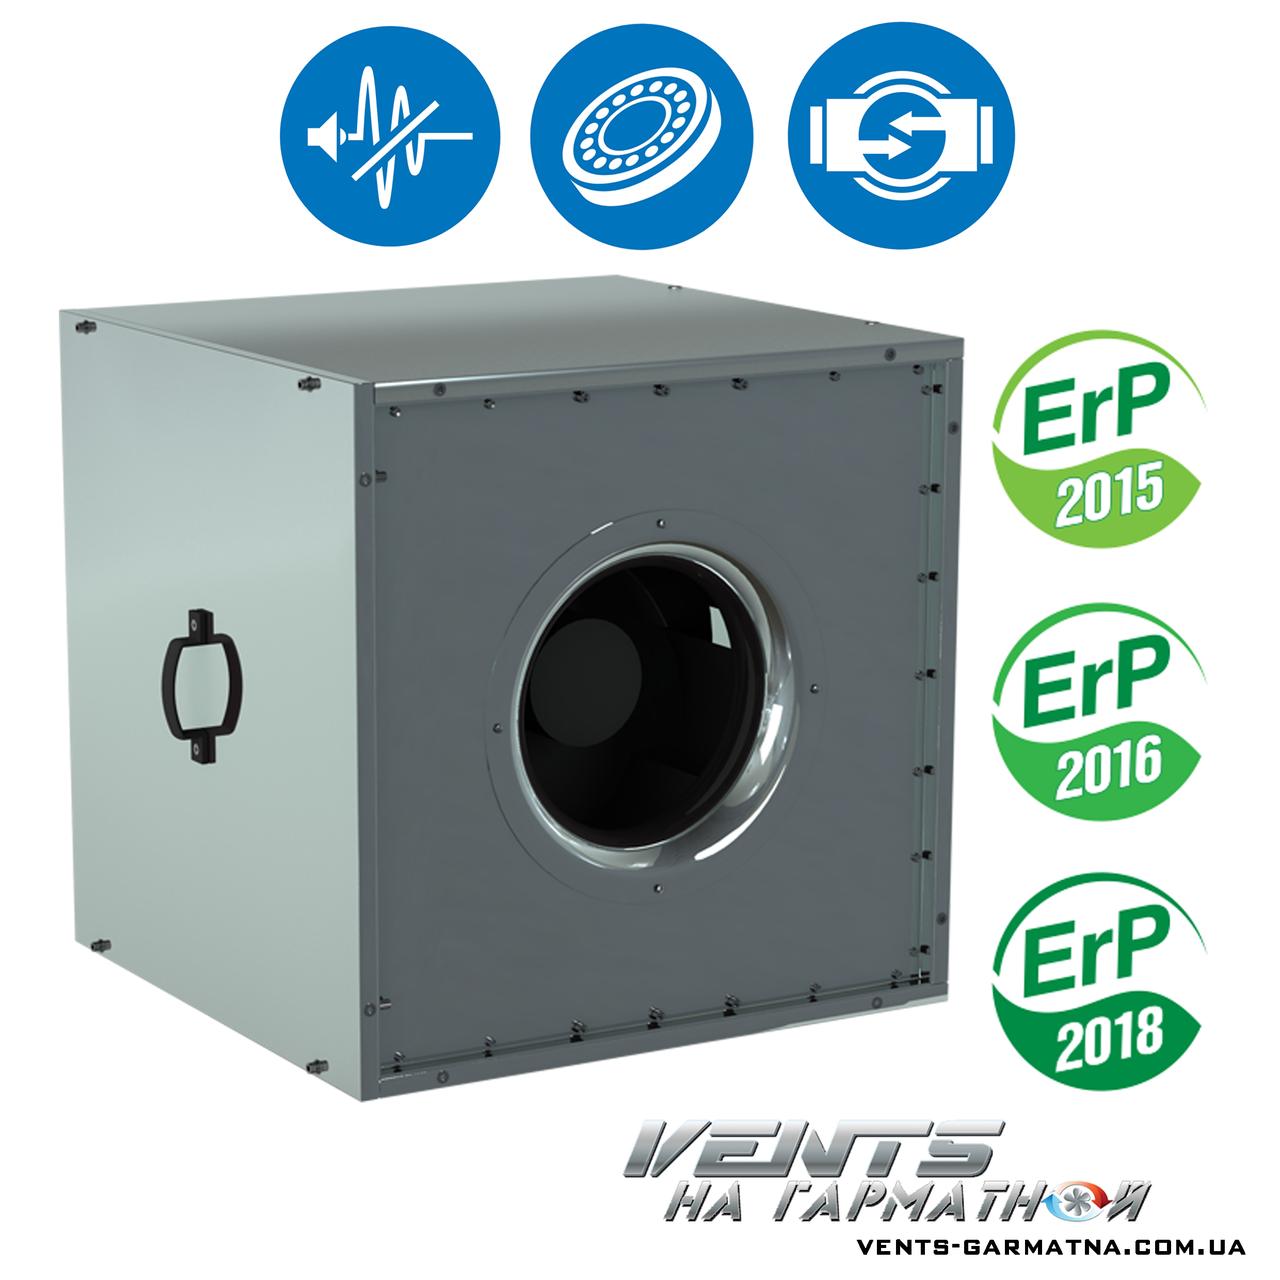 Вентс ВШ 710 6Д. Шумоизолированный вентилятор